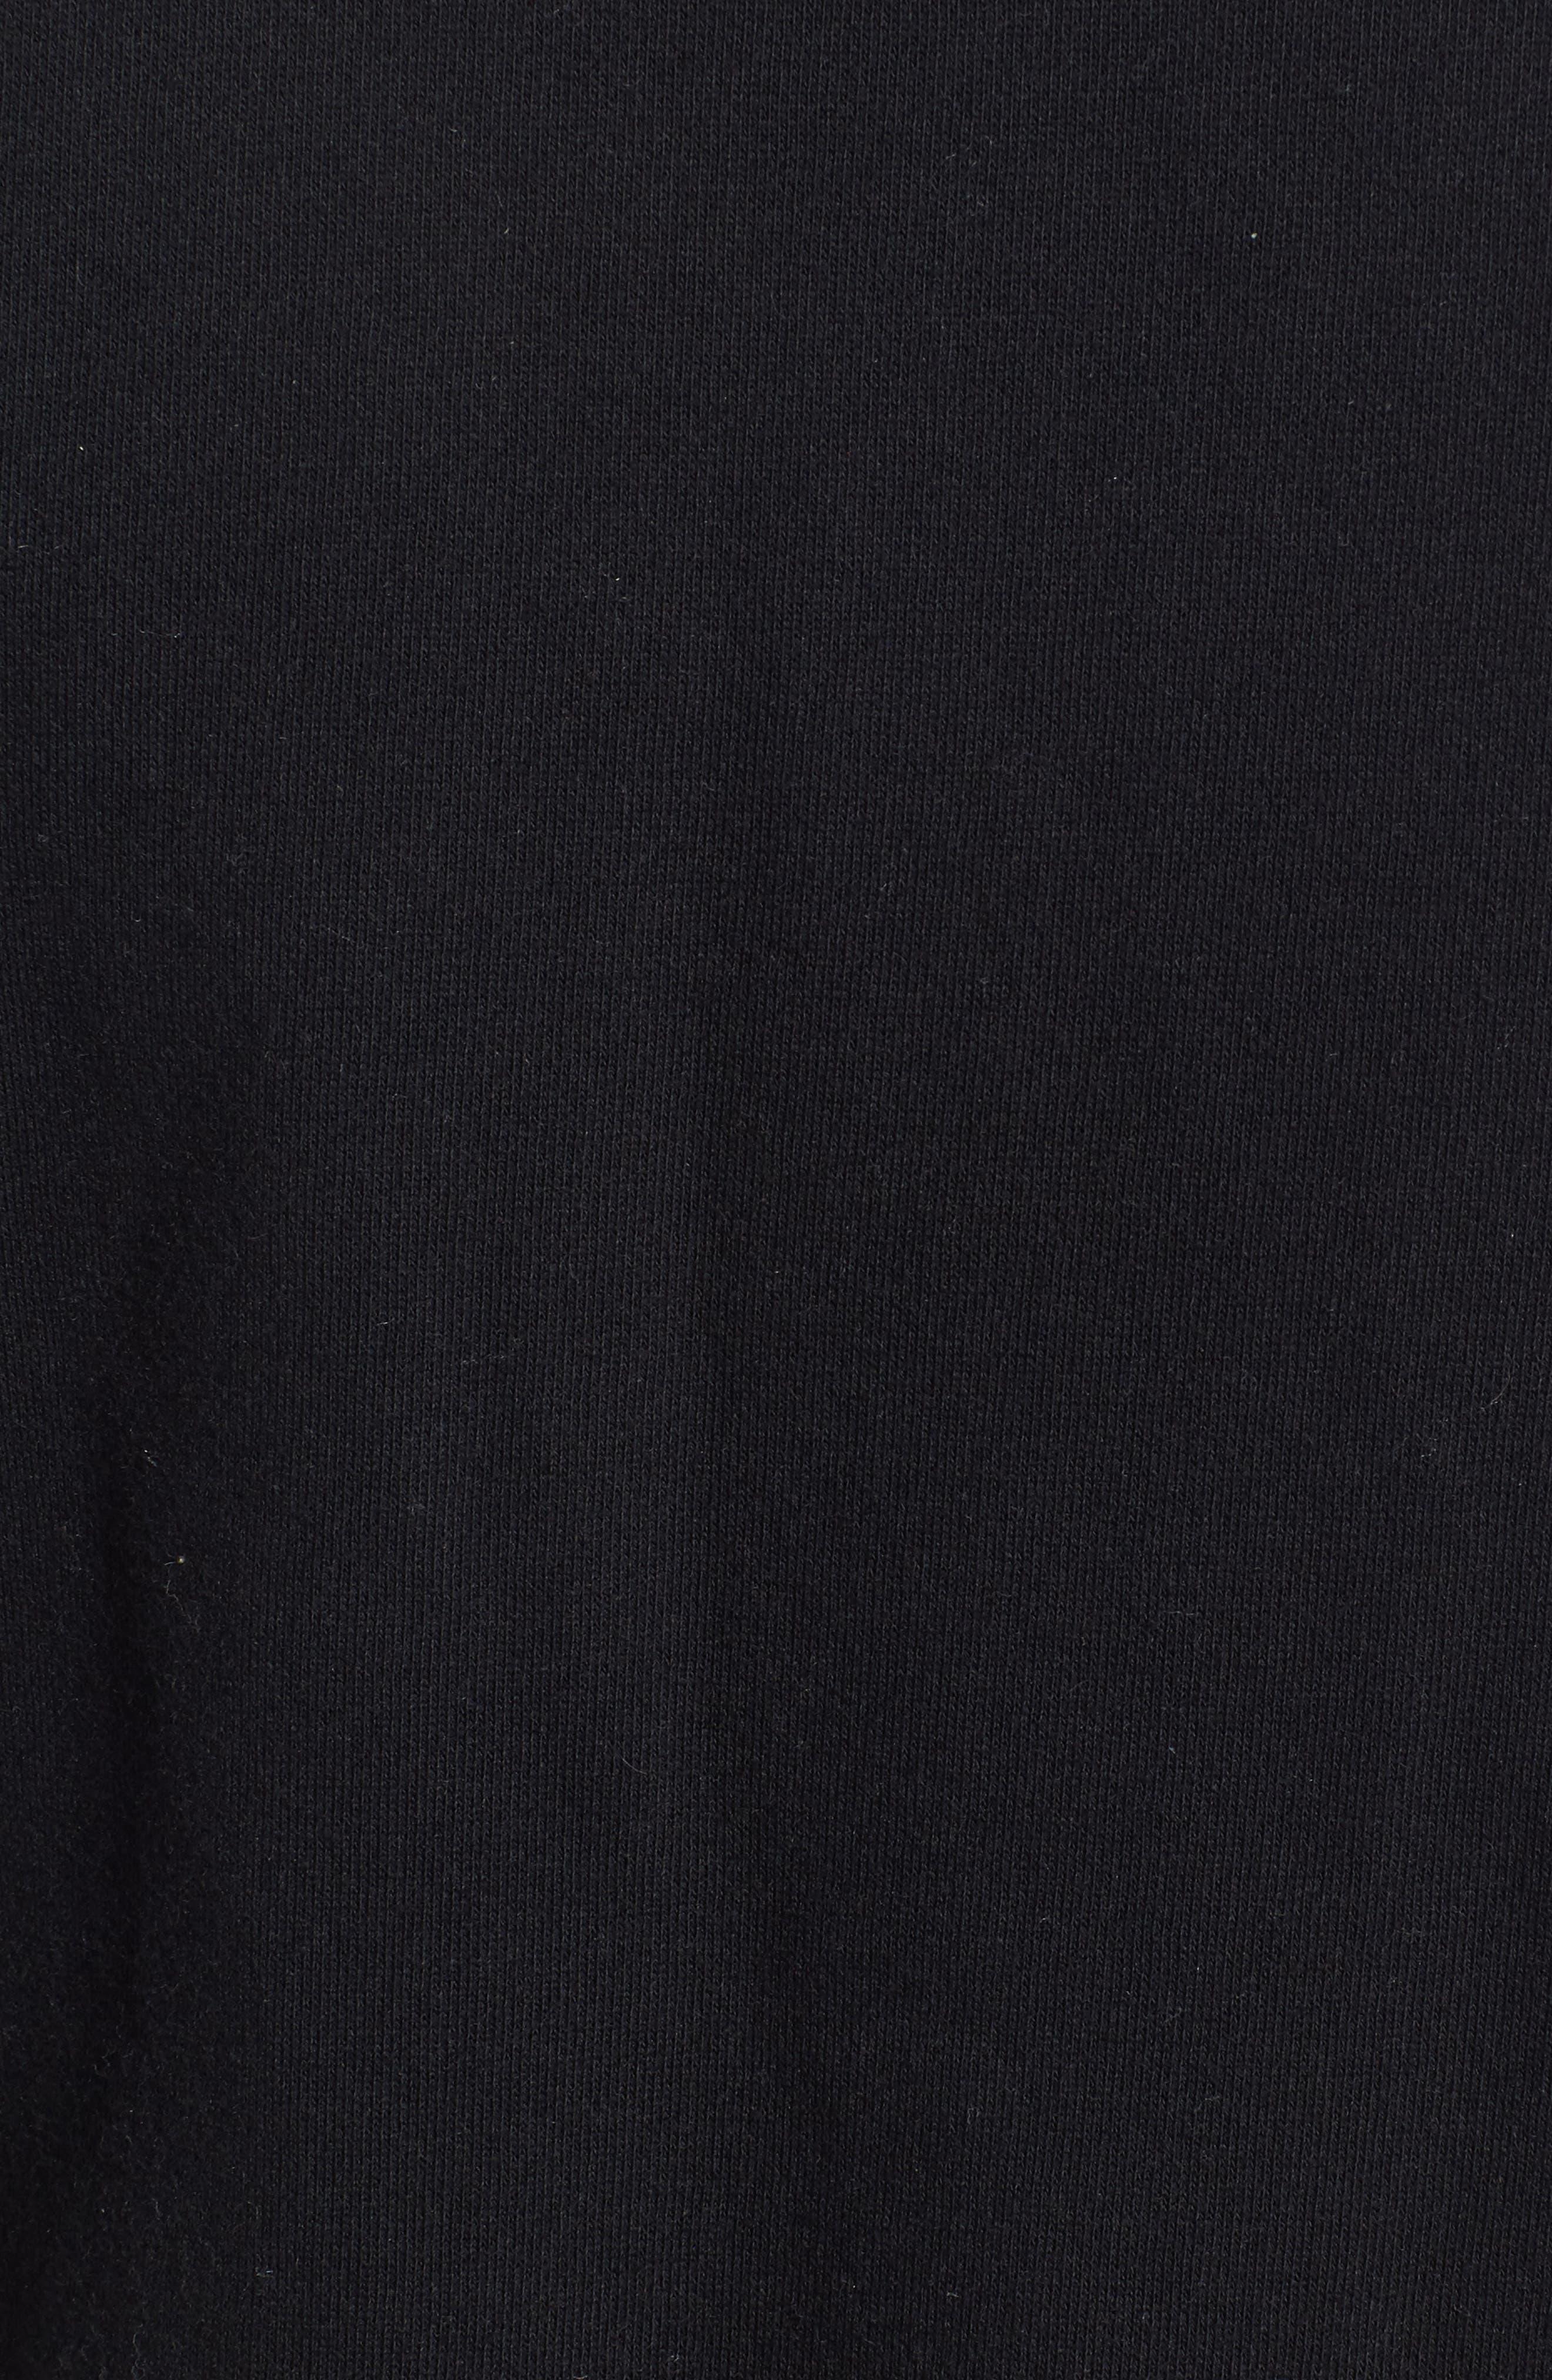 x KARL LAGERFELD Bomber Jacket,                             Alternate thumbnail 5, color,                             Black